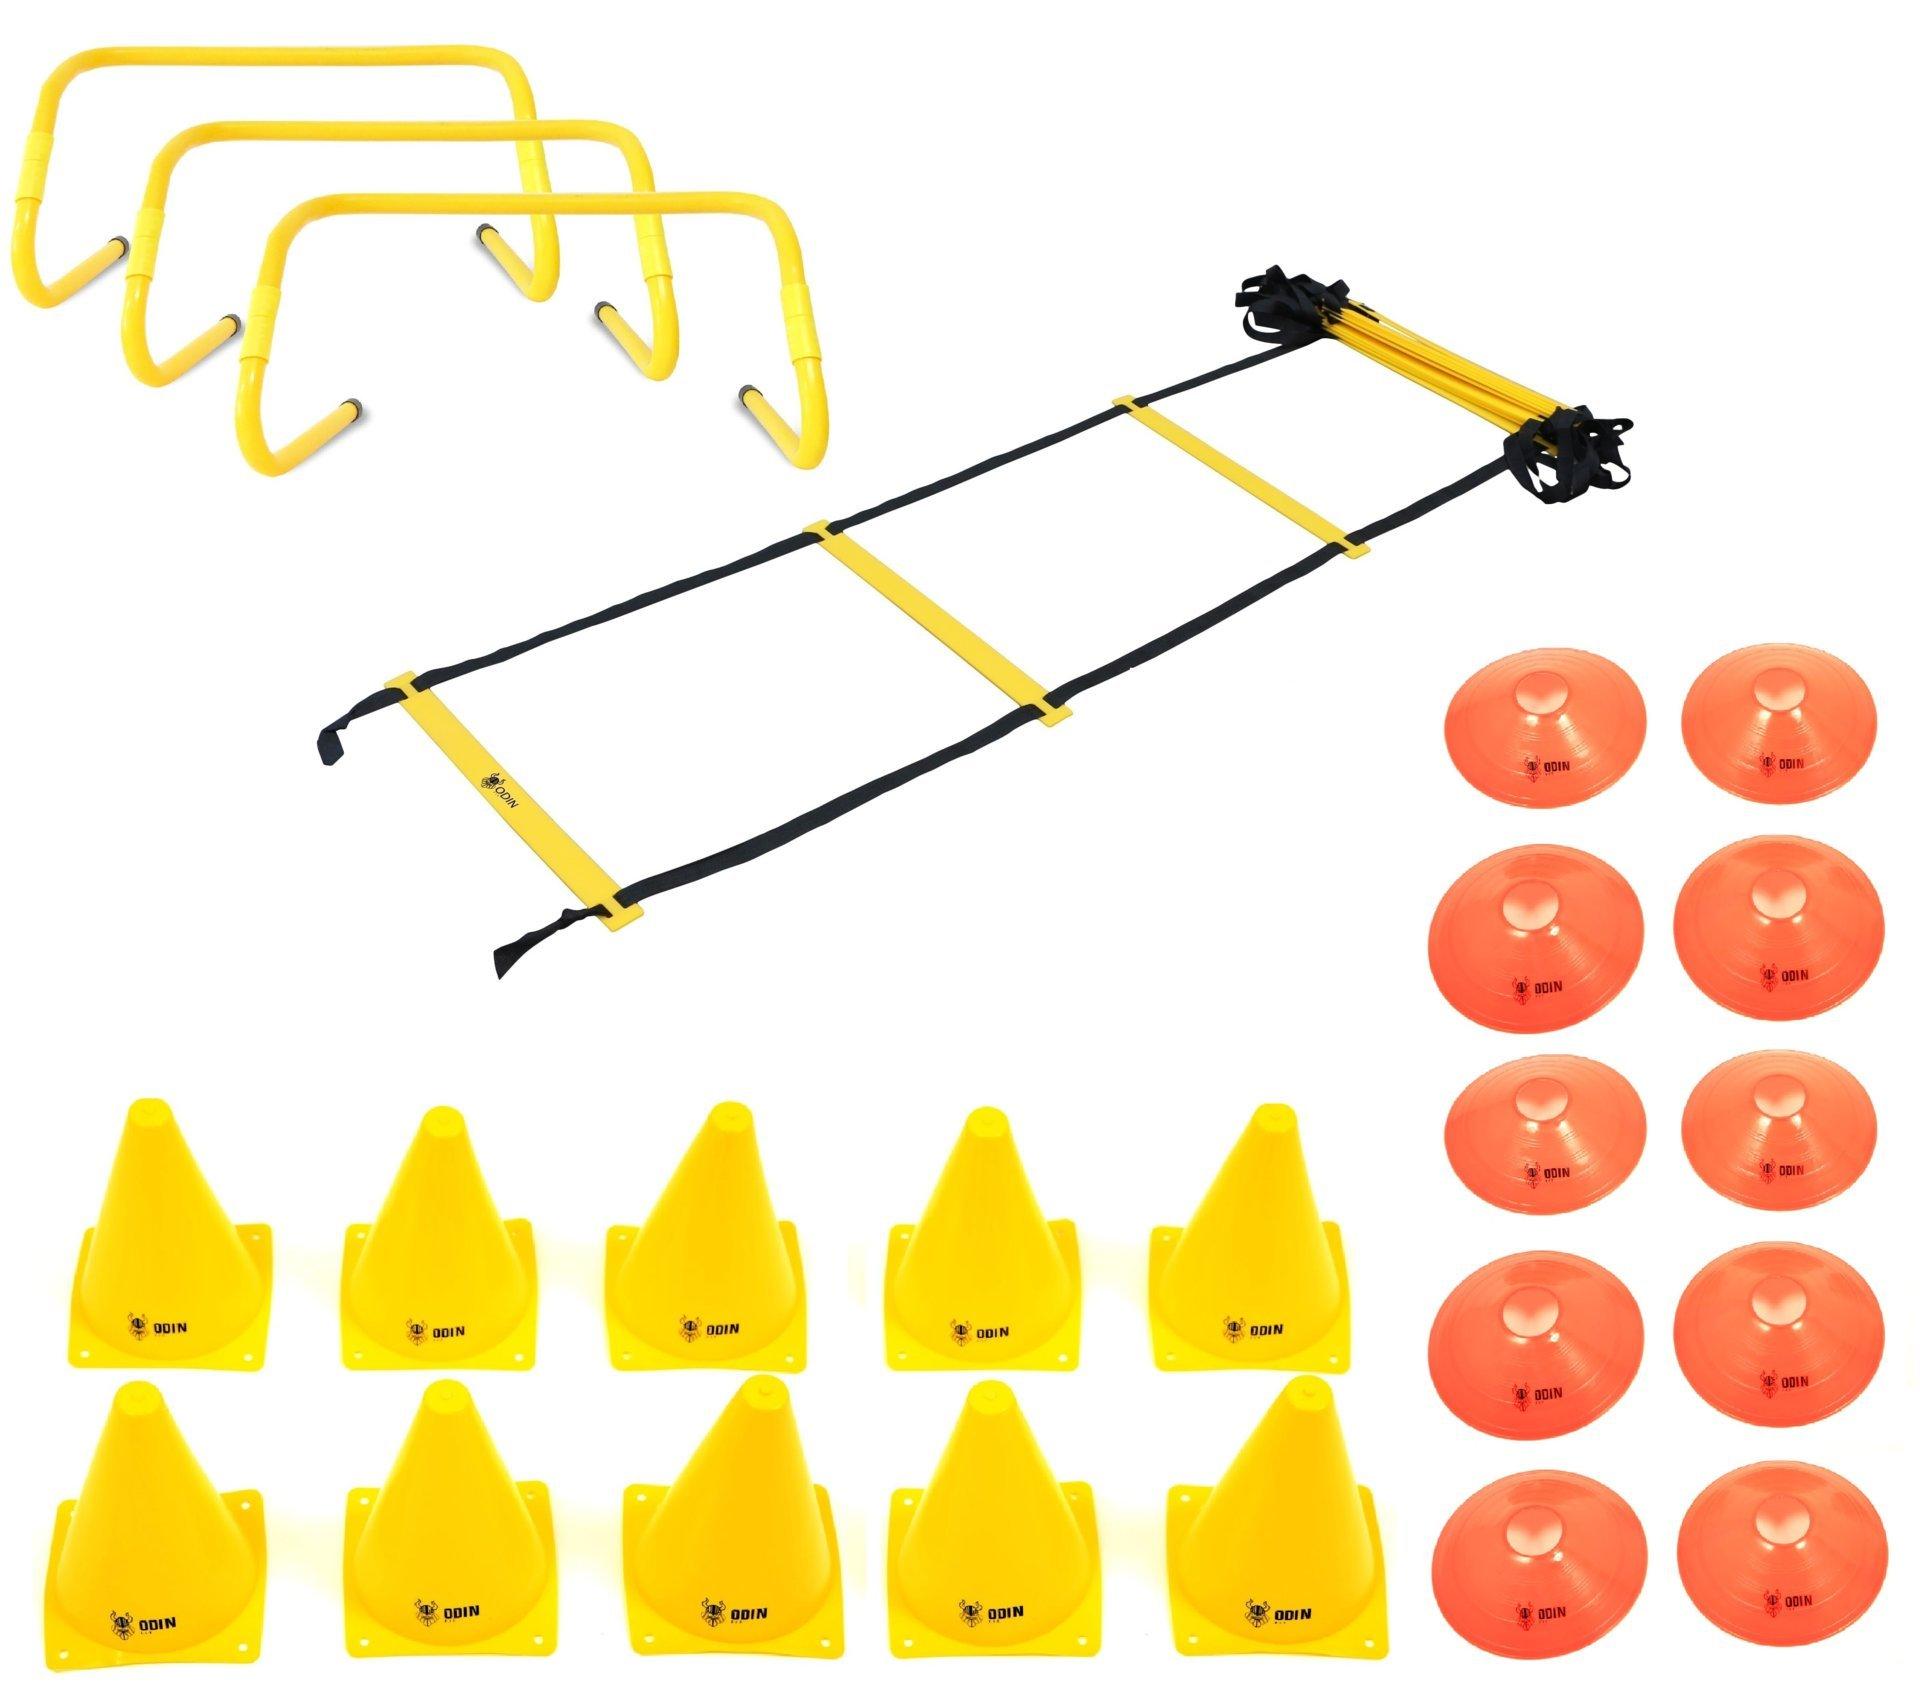 Kit Funcional Escada de Agilidade + 3 Barreiras + 10 Cones + 10 Chapéu Chinês